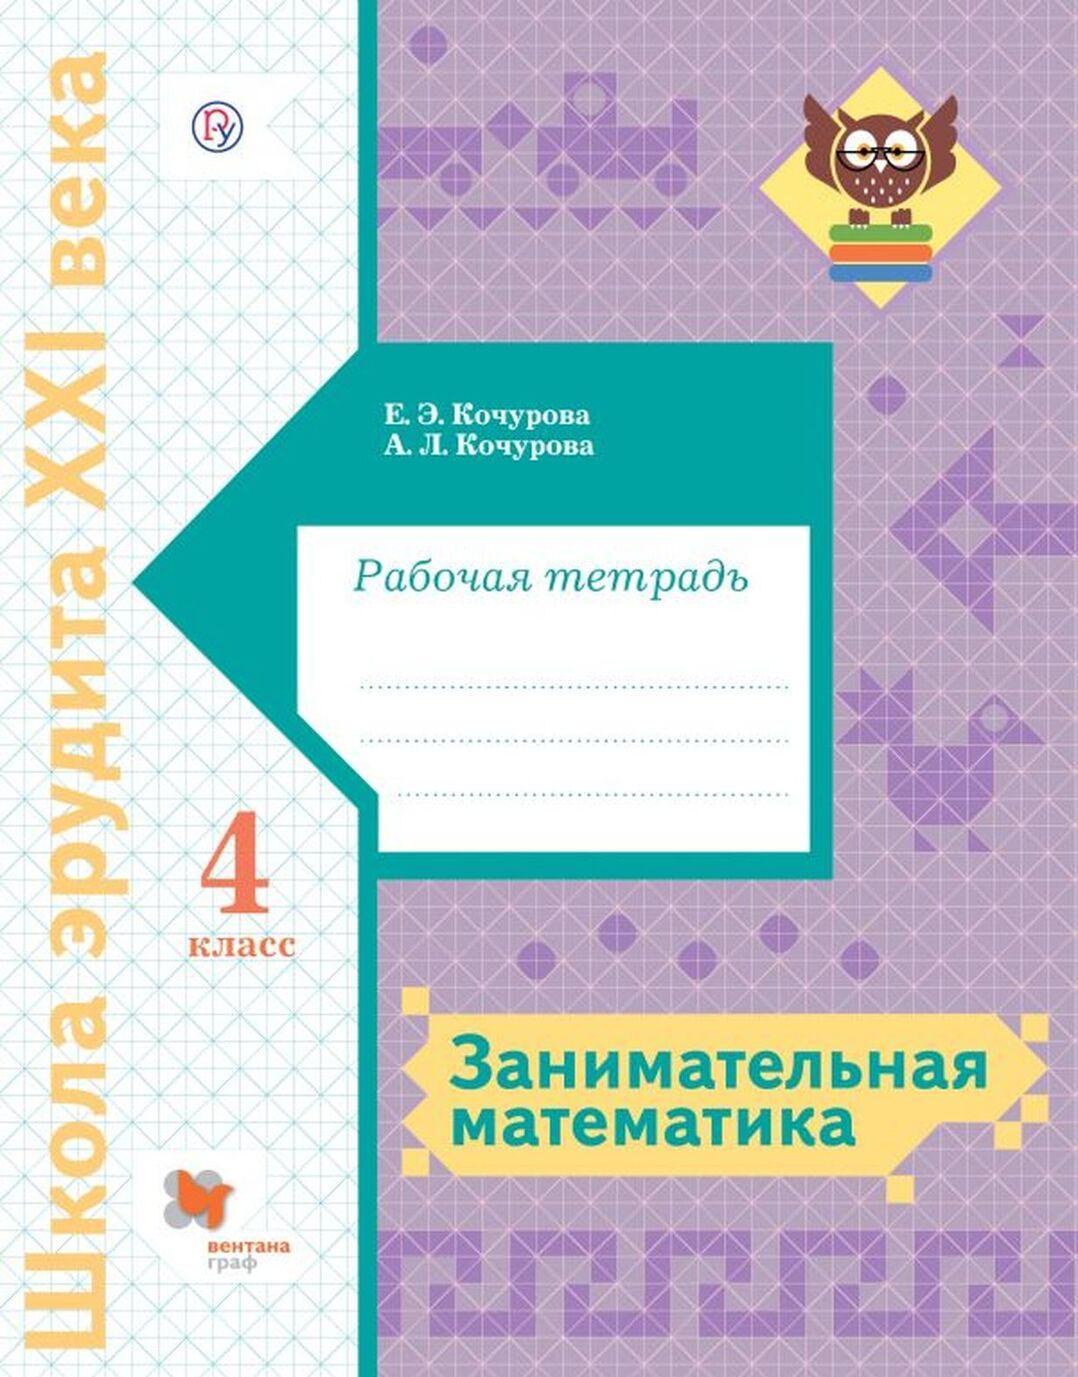 Zanimatelnaja matematika. 4 klass. Rabochaja tetrad | Kochurova Elena Eduardovna, Kochurova Anna Leonidovna